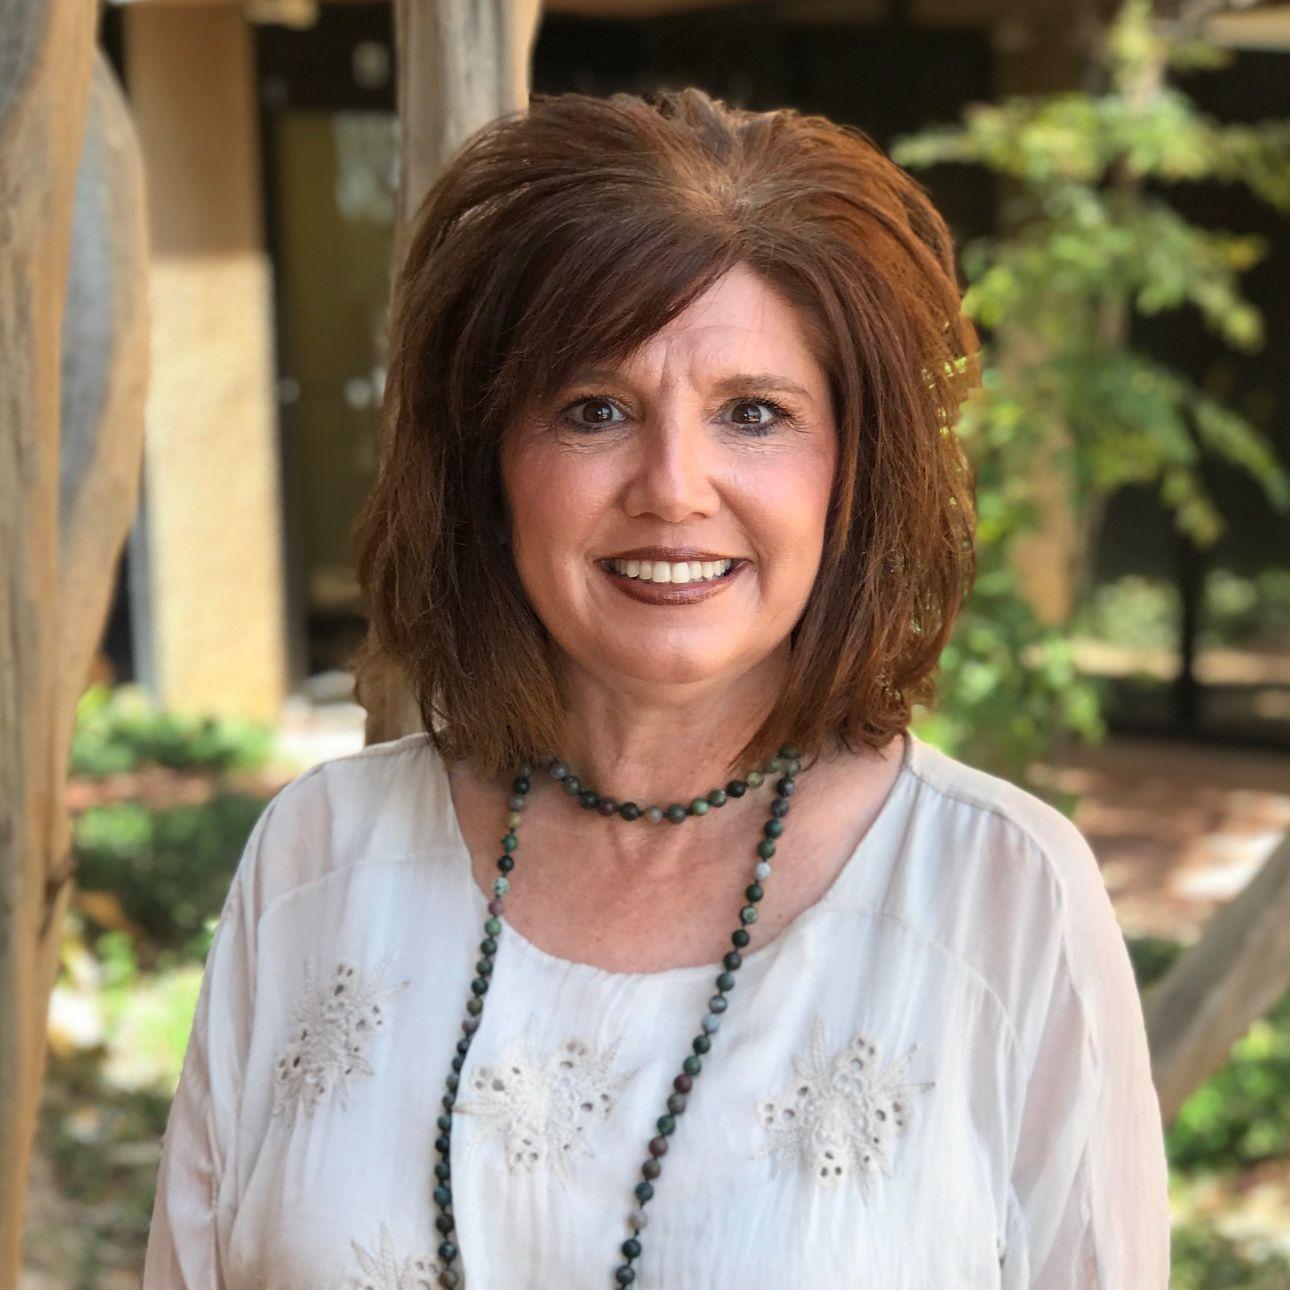 Margo Dailey